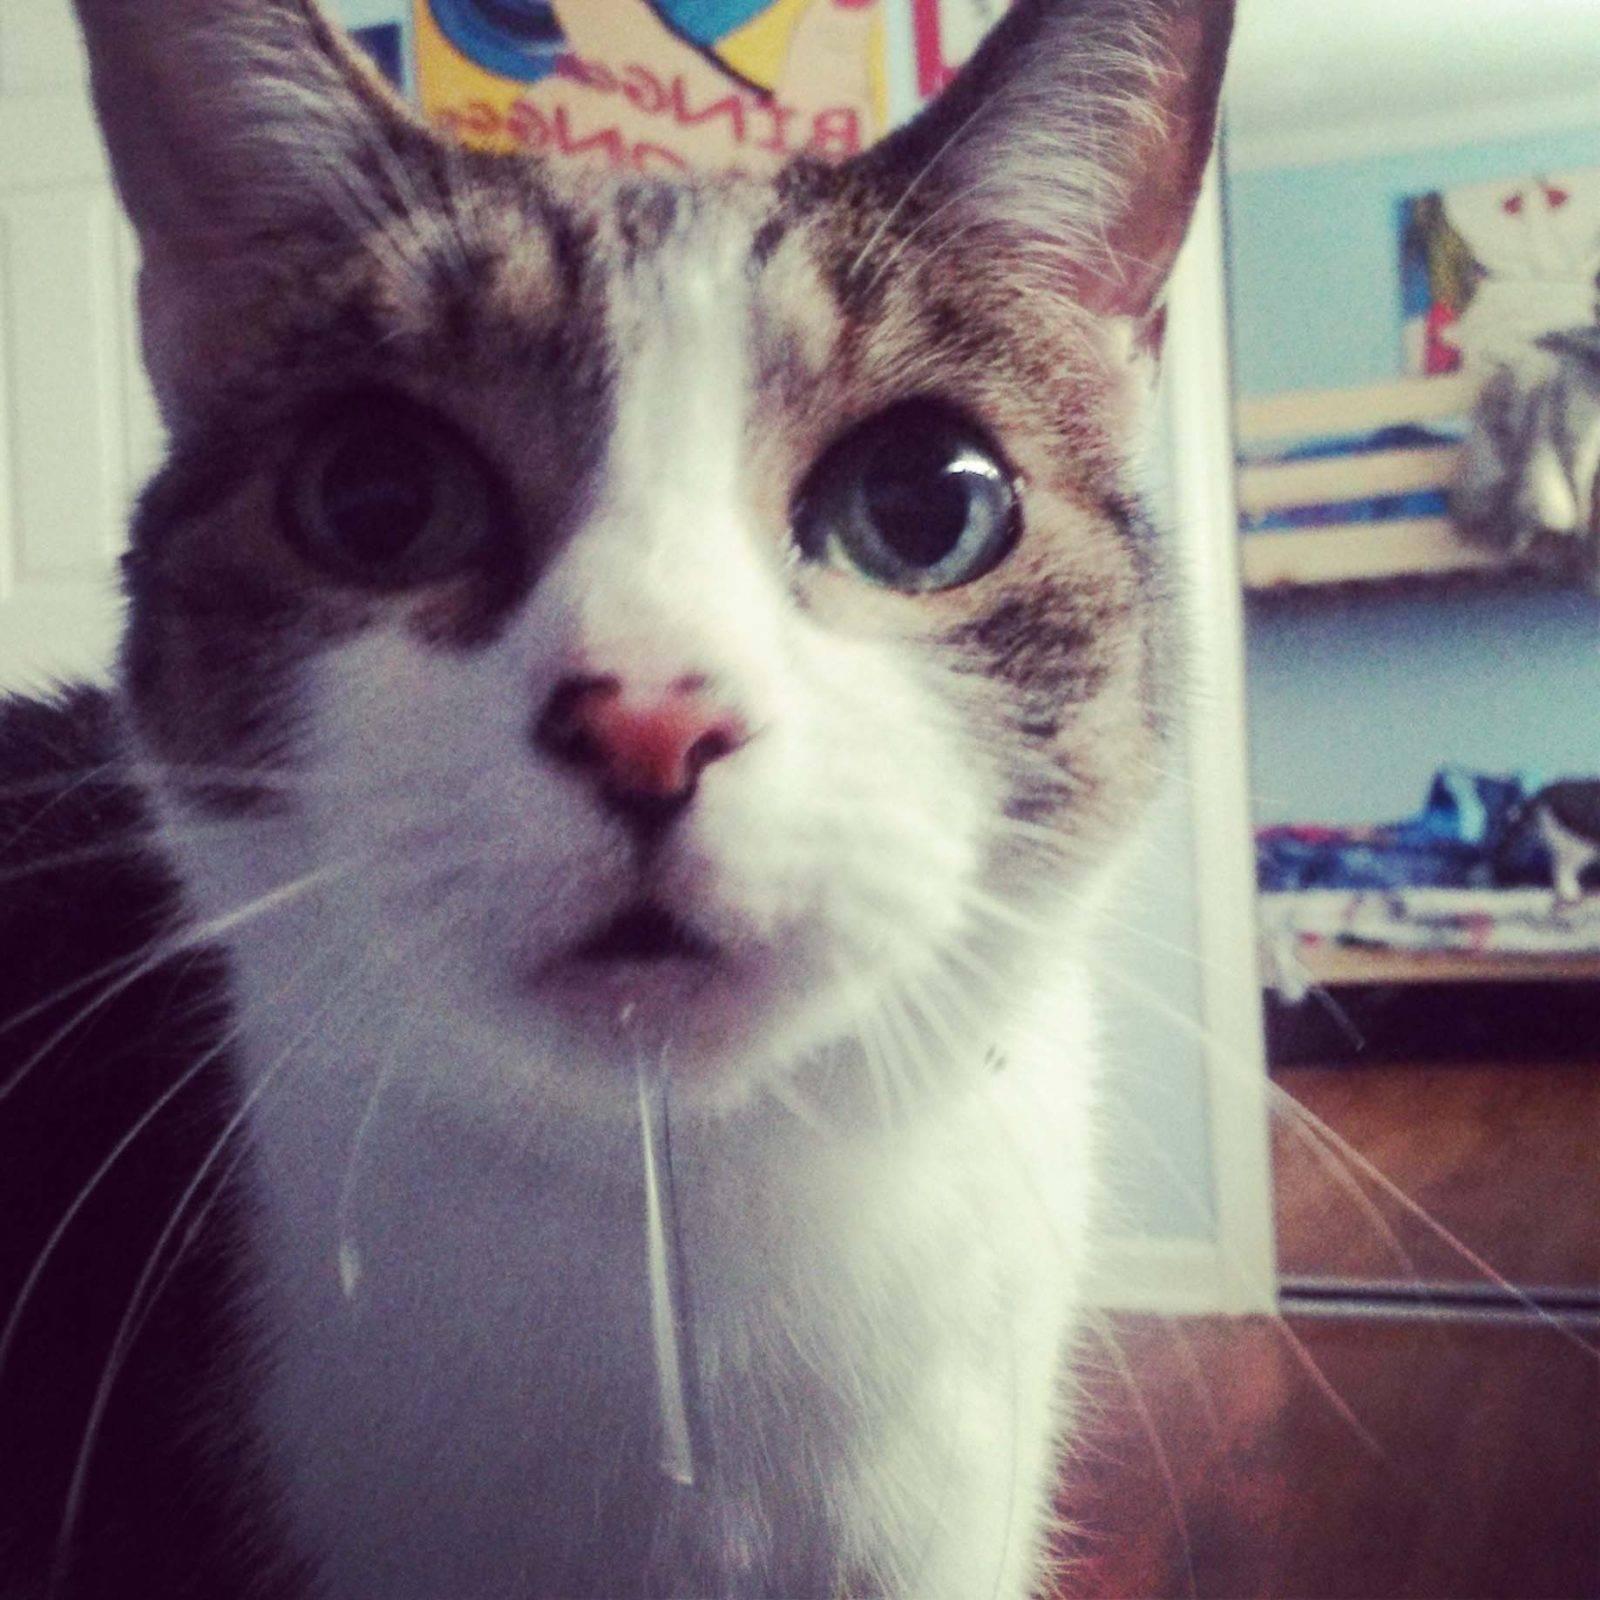 Текут слюни у кота: причины и что делать?